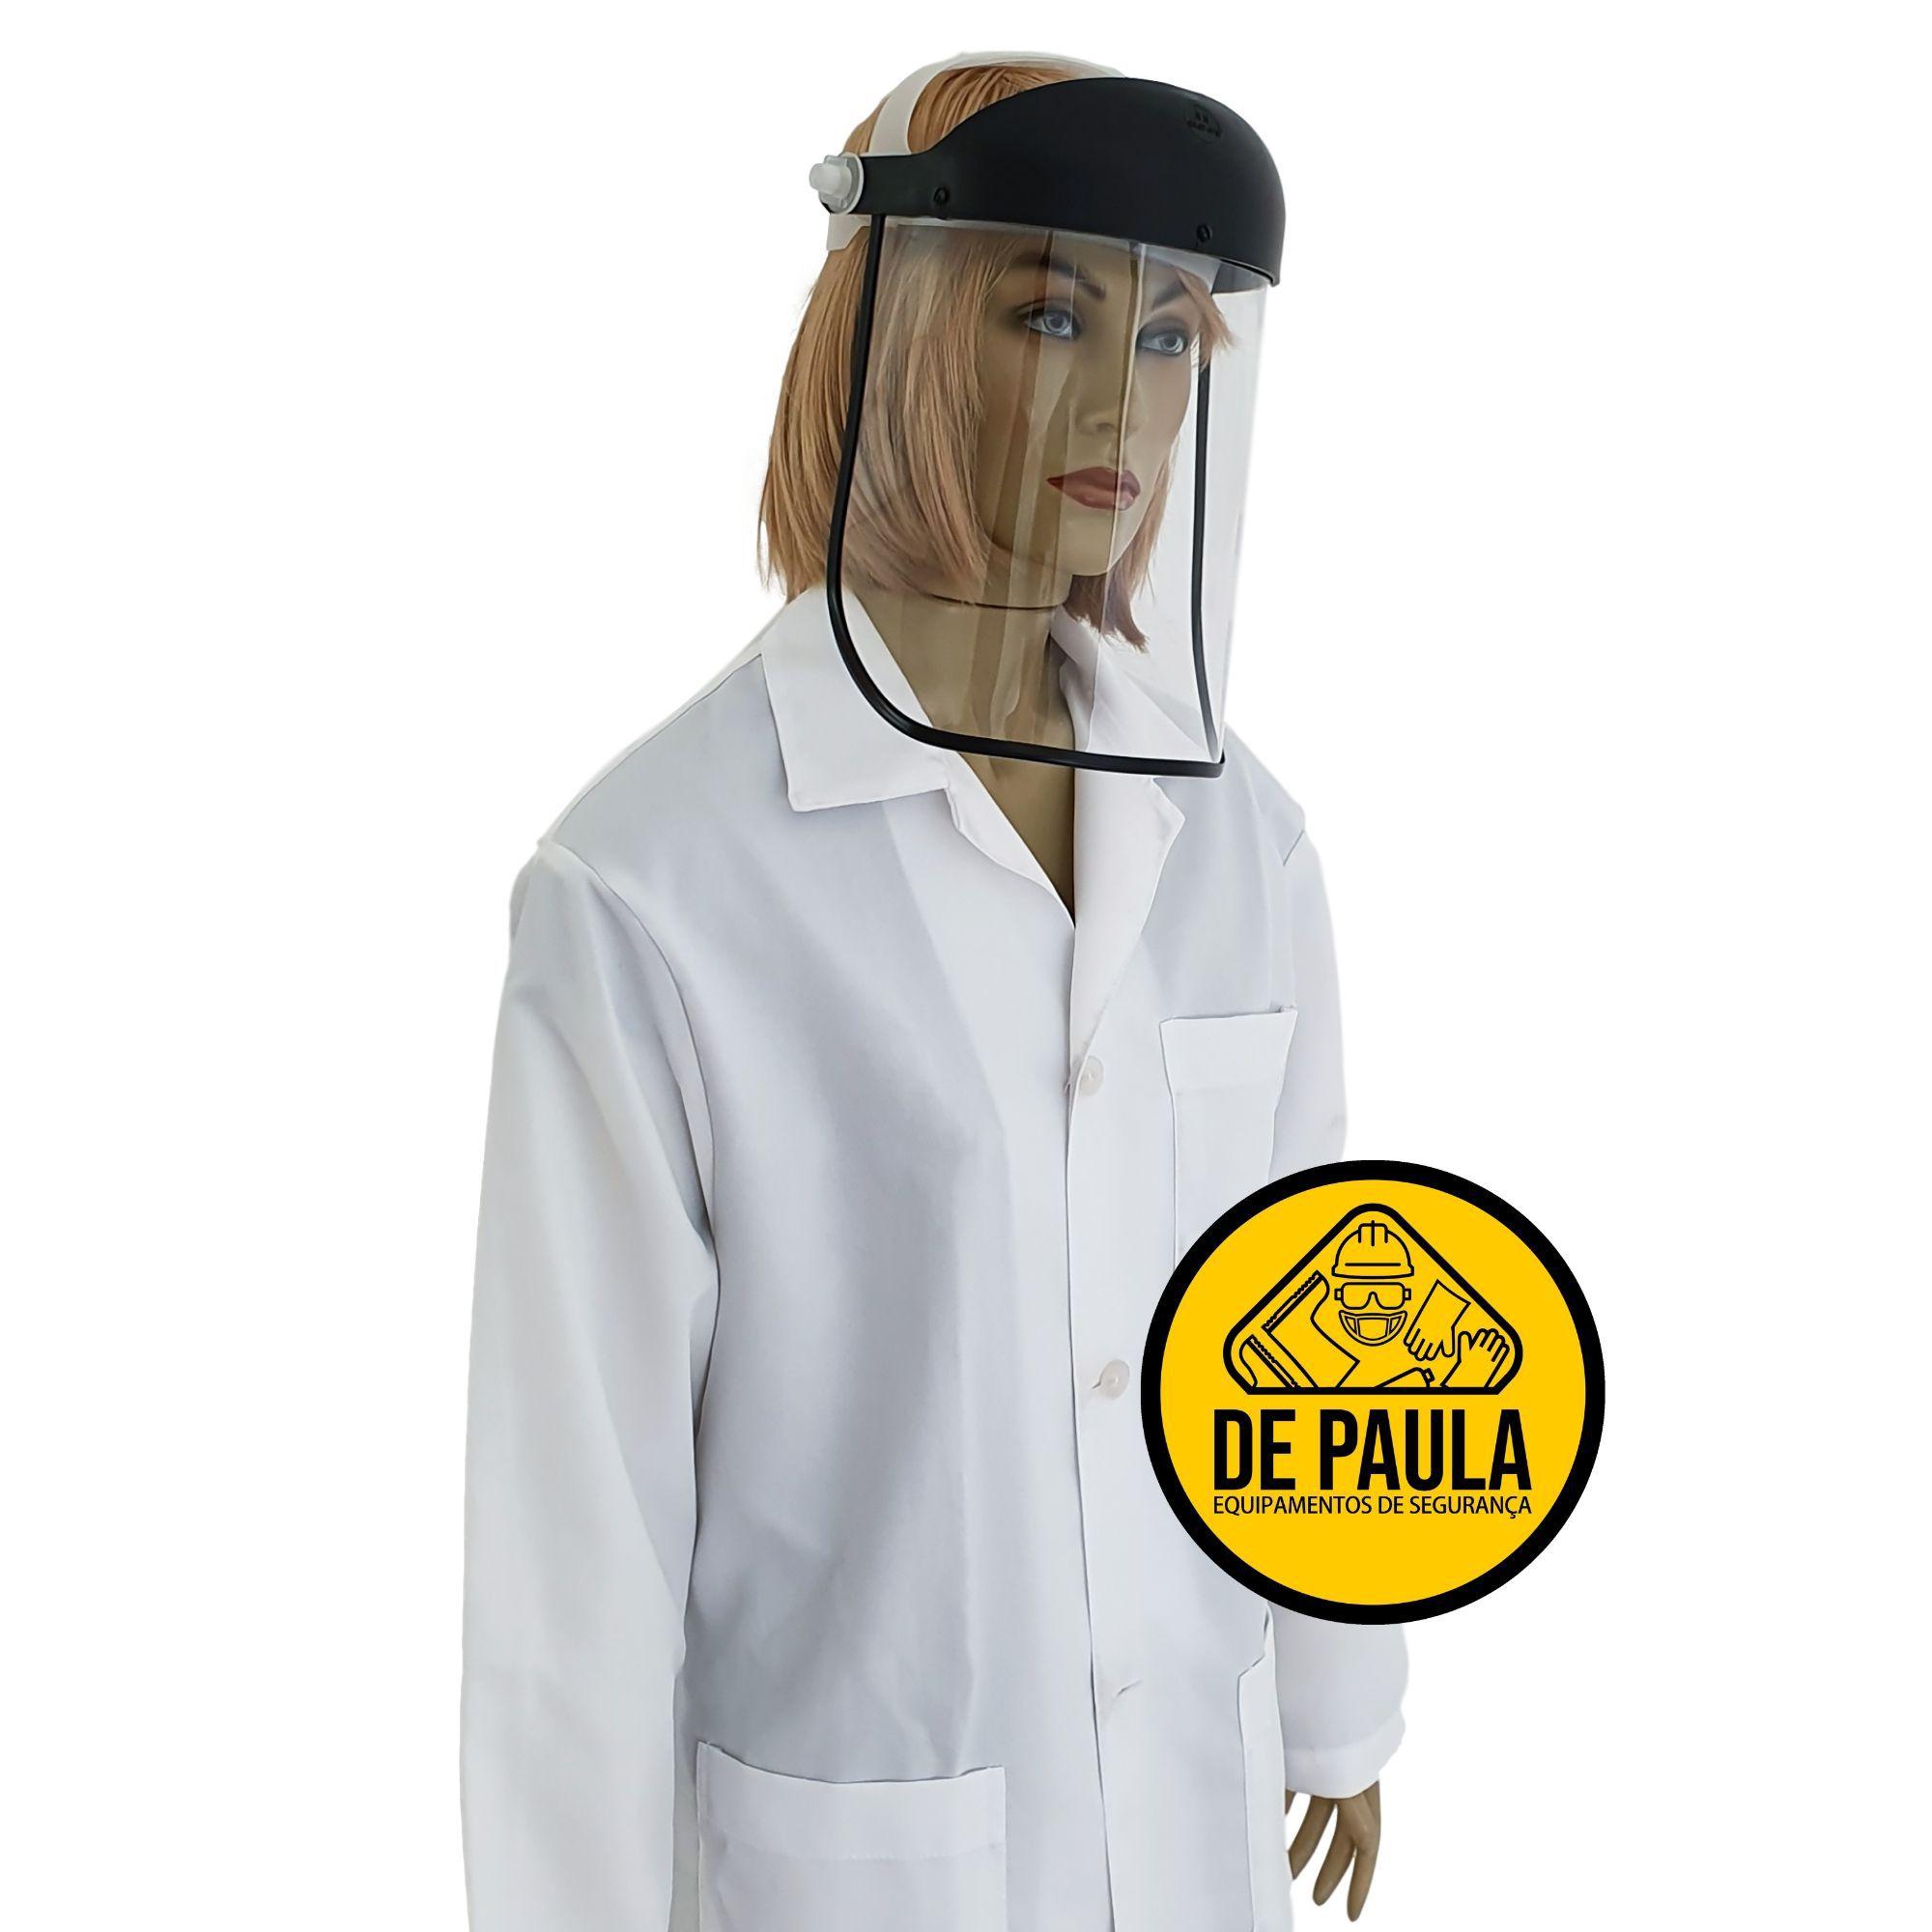 PROTETOR FACIAL  VISOR TRANSPARENTE INCOLOR SILOMINAS - CA:27.675  - DE PAULA EPI